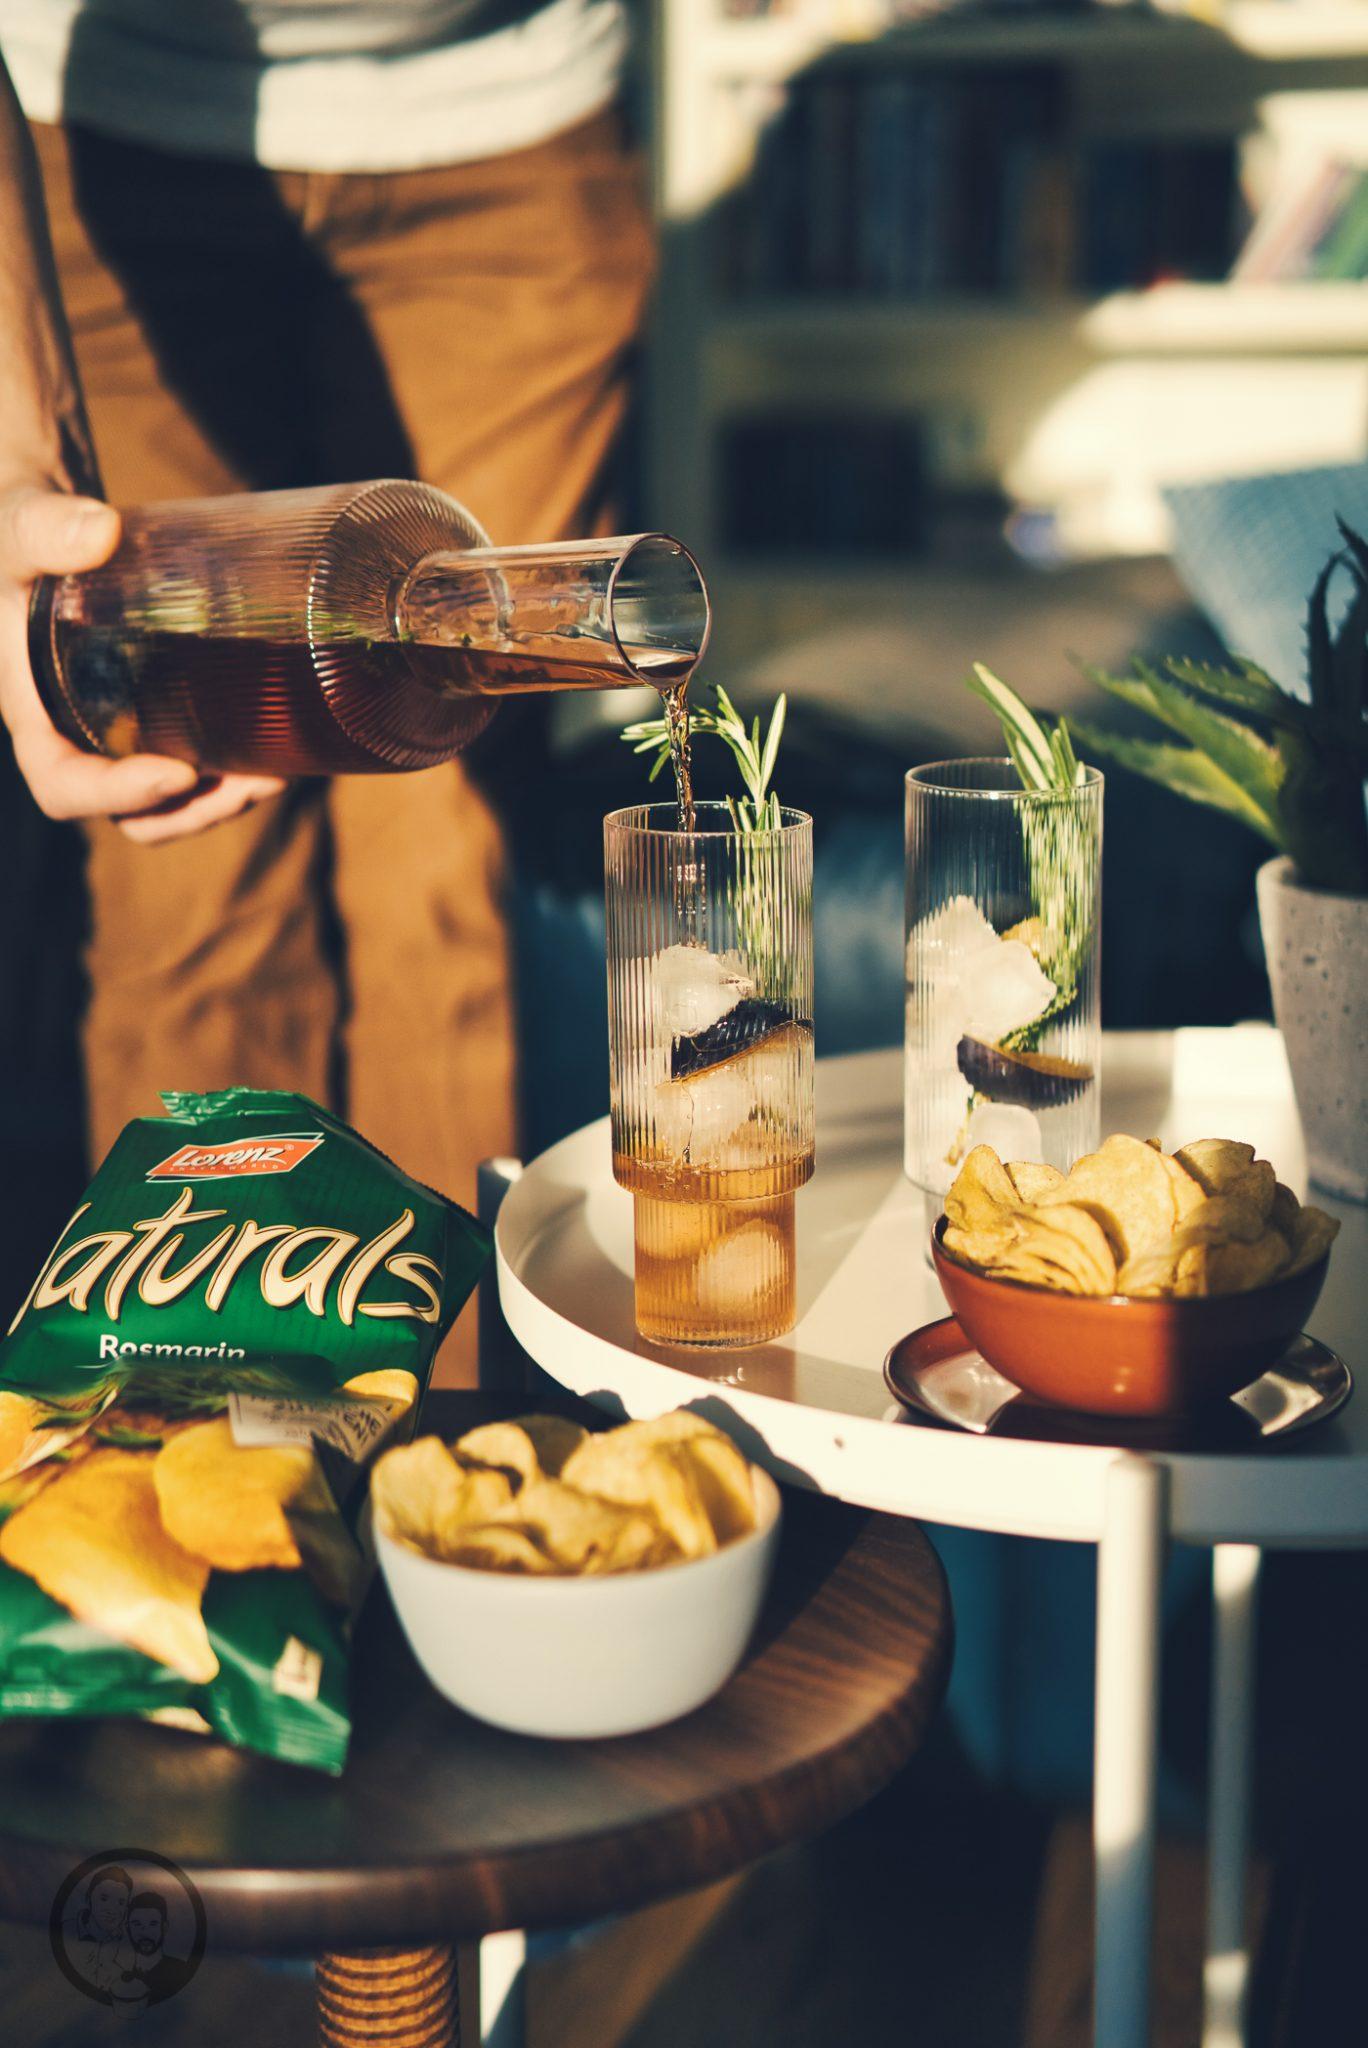 natural mailand aperitivo 67 | Vielleicht könnt ihr euch noch daran erinnern, dass wir uns vor ein paar Wochen mit einem neuen Rezept aus Mailand gemeldet haben. Denn genau dort dürften wir zwei schöne Tage verbringen. Die Stadt ist nicht nur für Mode sondern auch für eine tolle Food-Szene bekannt. Warum wir in Mailand waren und was unser neues Rezept für einen Pflaumen-Vermouth-Spritz damit zu tun hat und warum Naturals Chips der perfekte Begleiter dazu sind - das wollen wir euch heute zeigen.